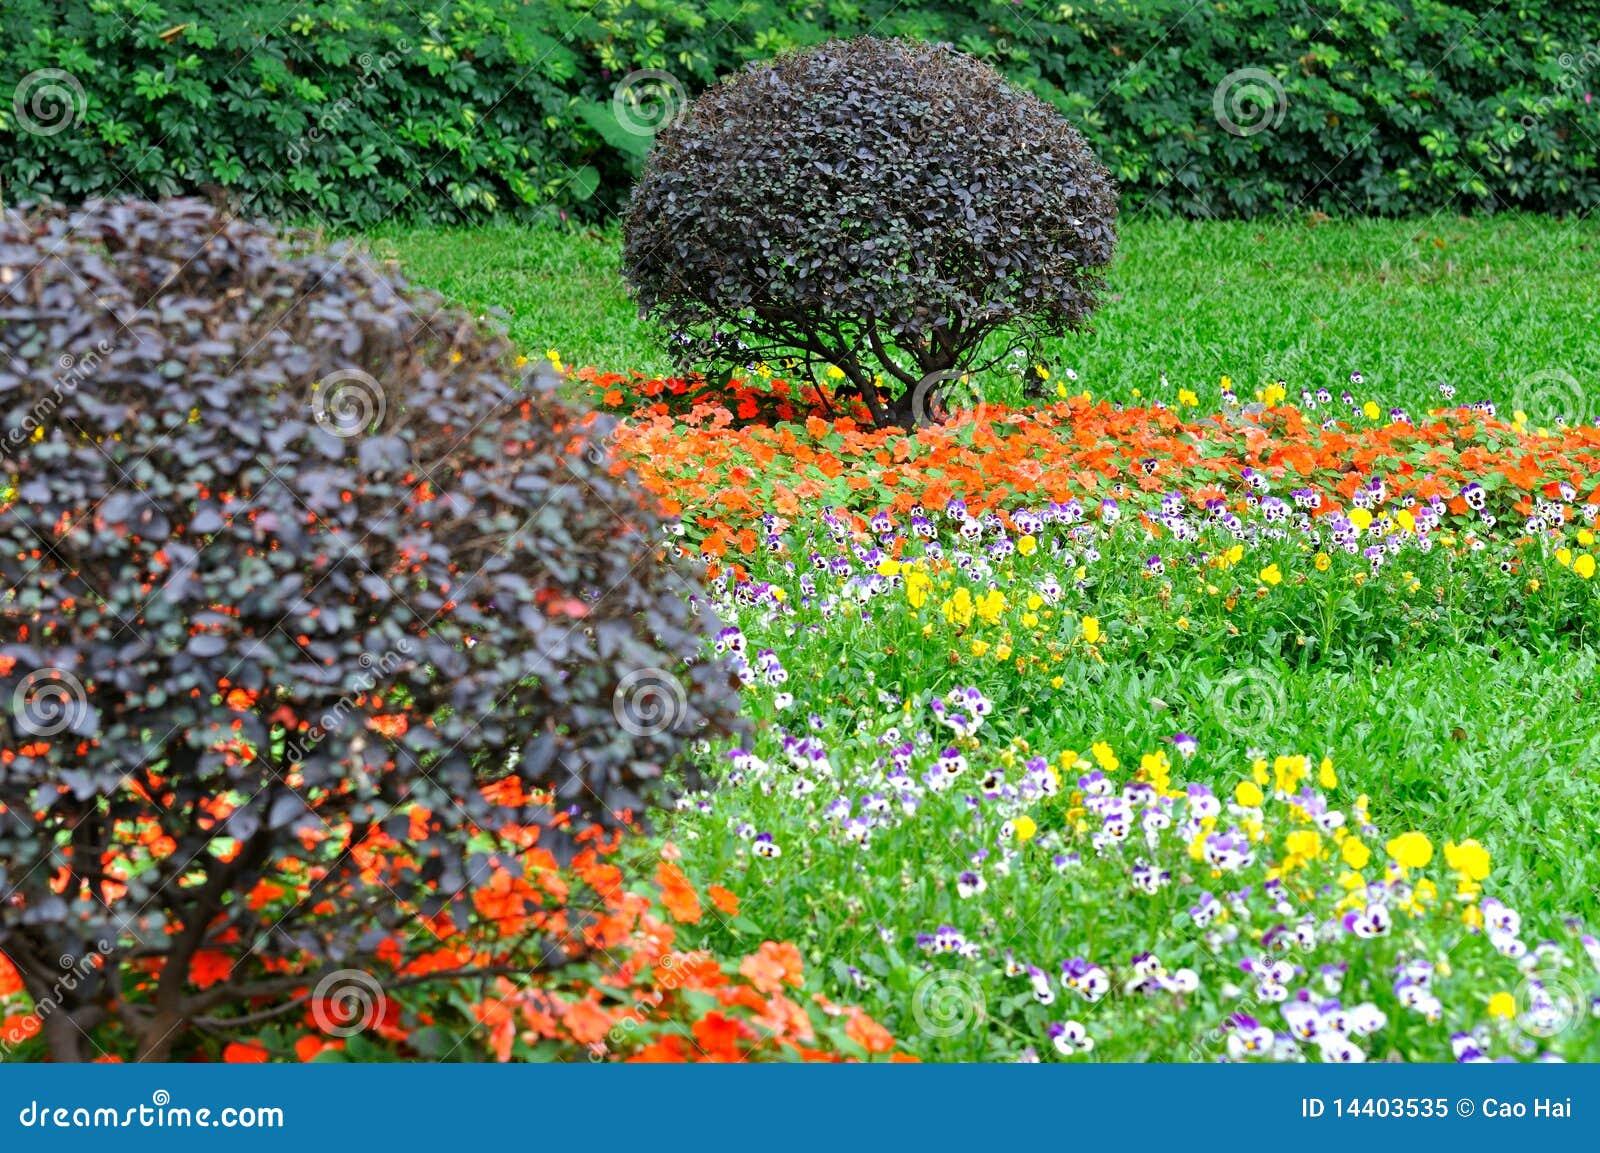 Composizione nel giardino cespuglio e mazzo di fiori - Composizione giardino ...